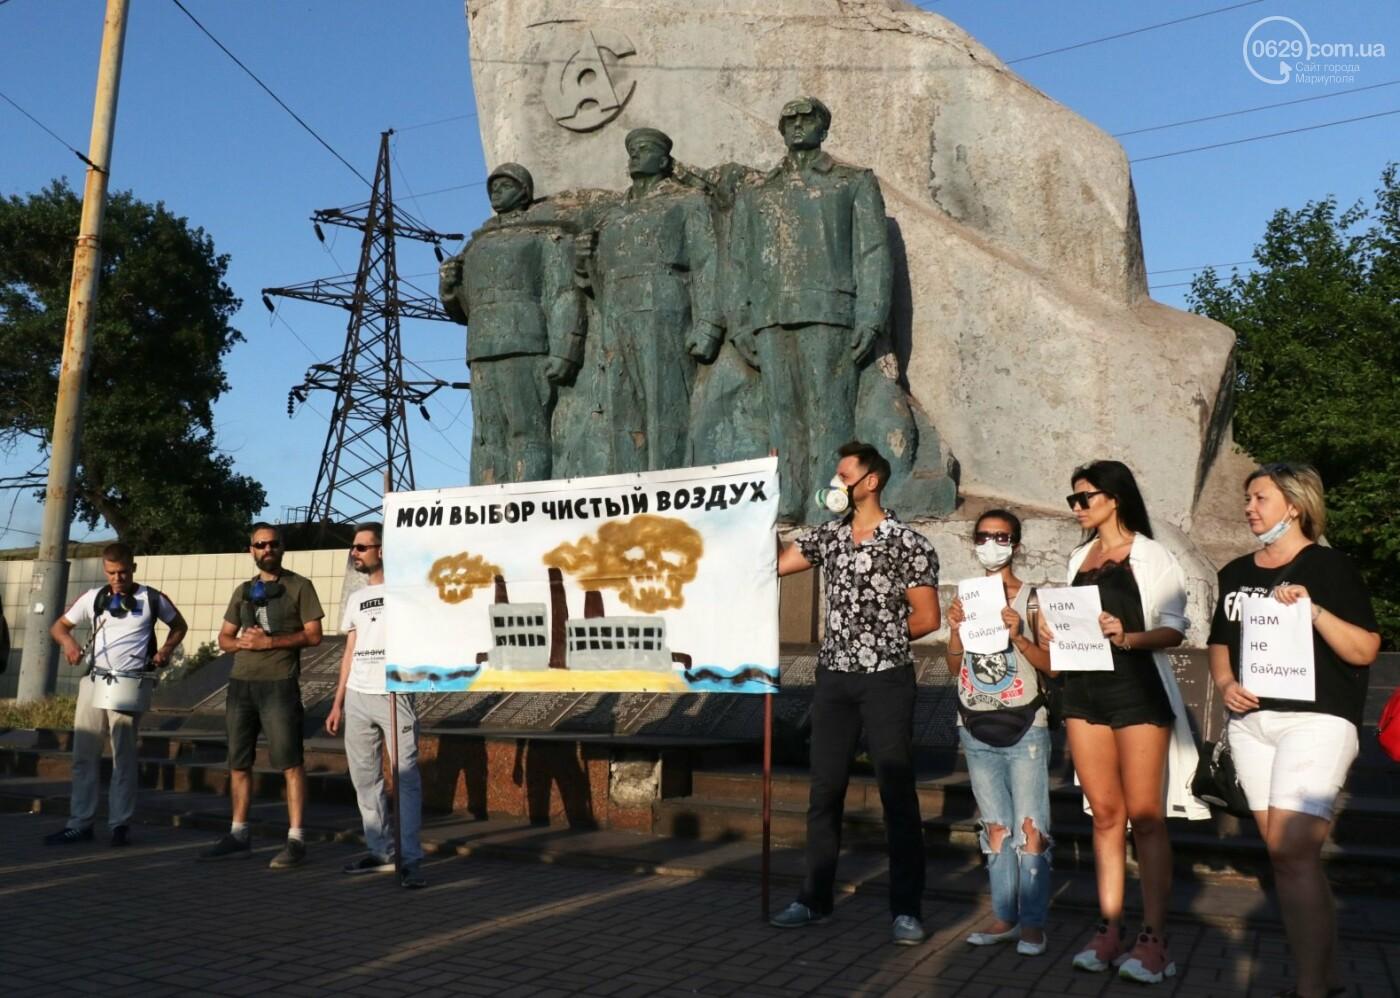 """""""Моя юность прошла на Донбассе Ахметова..."""" В Мариуполе горожане требовали чистый воздух, фото-8"""